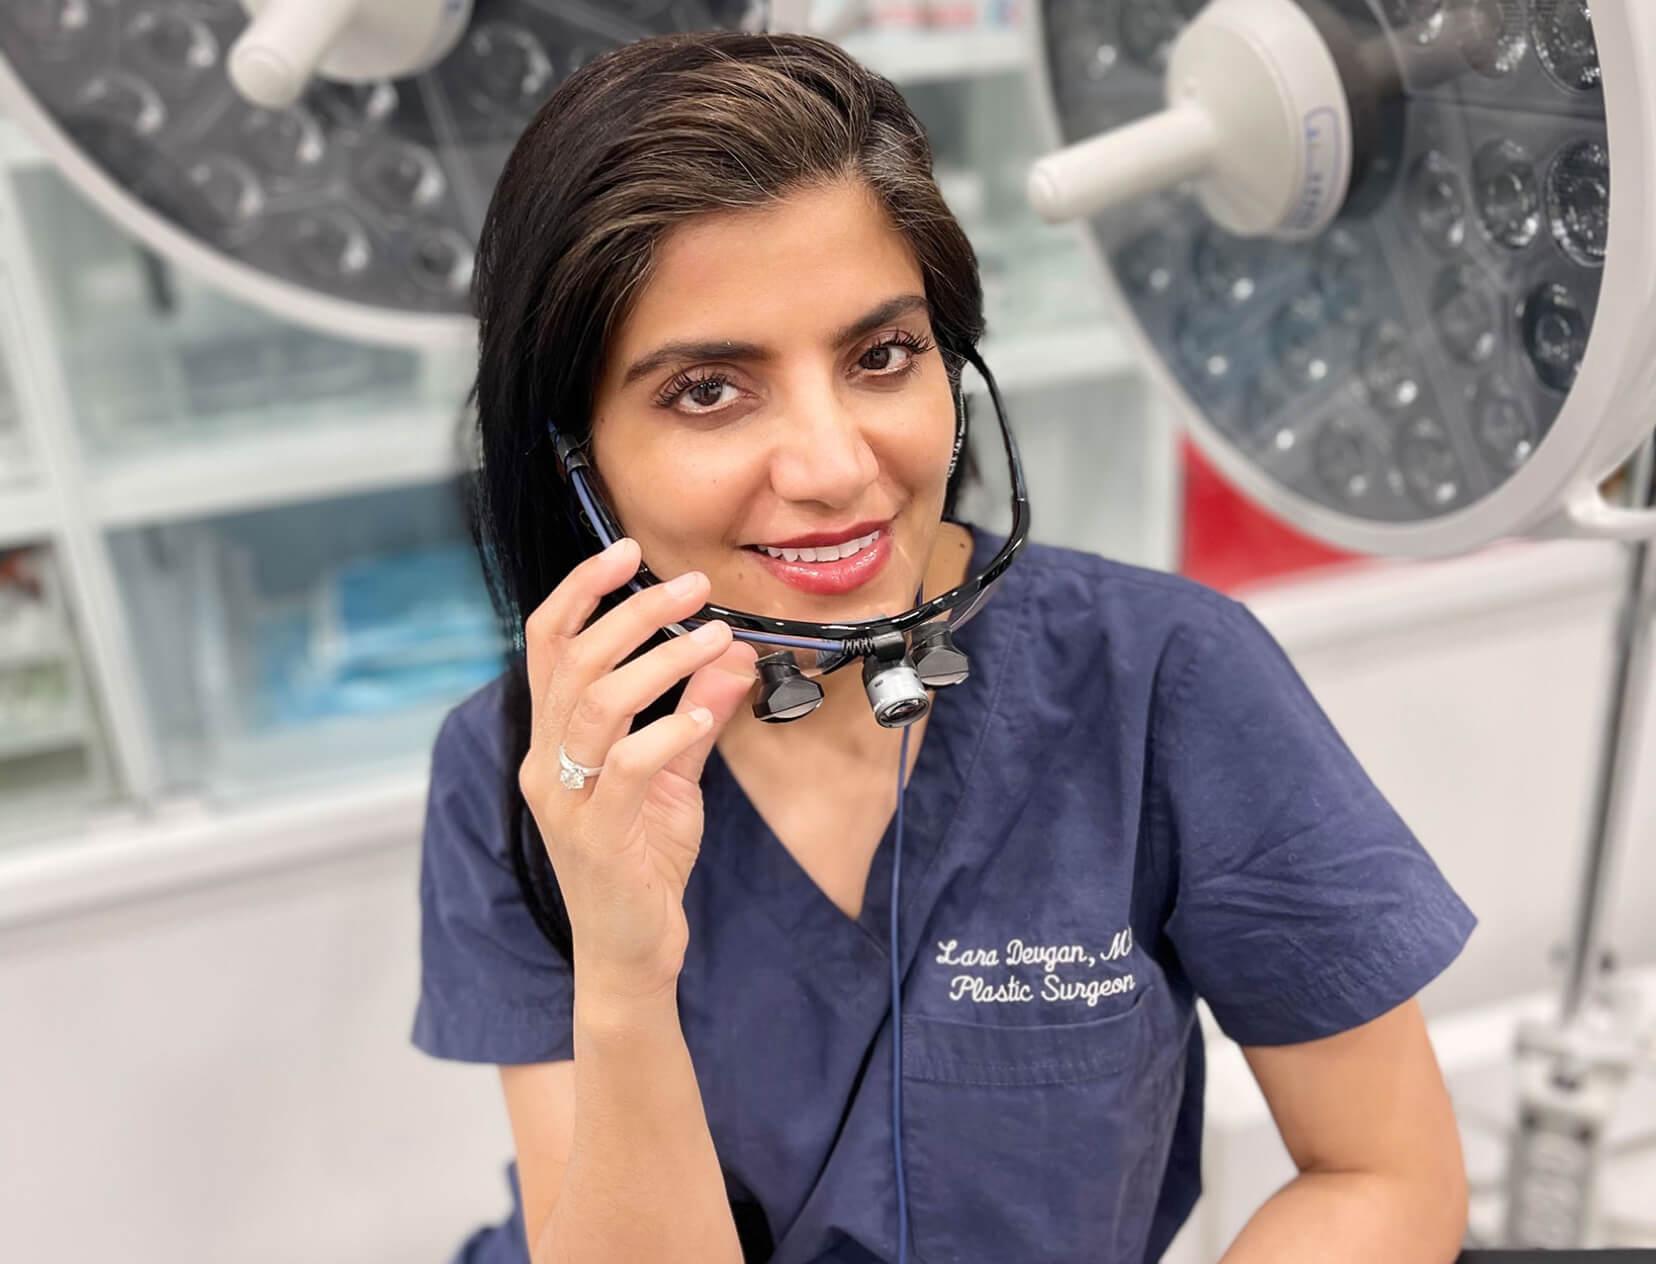 Lara Devgan, MD, MPH